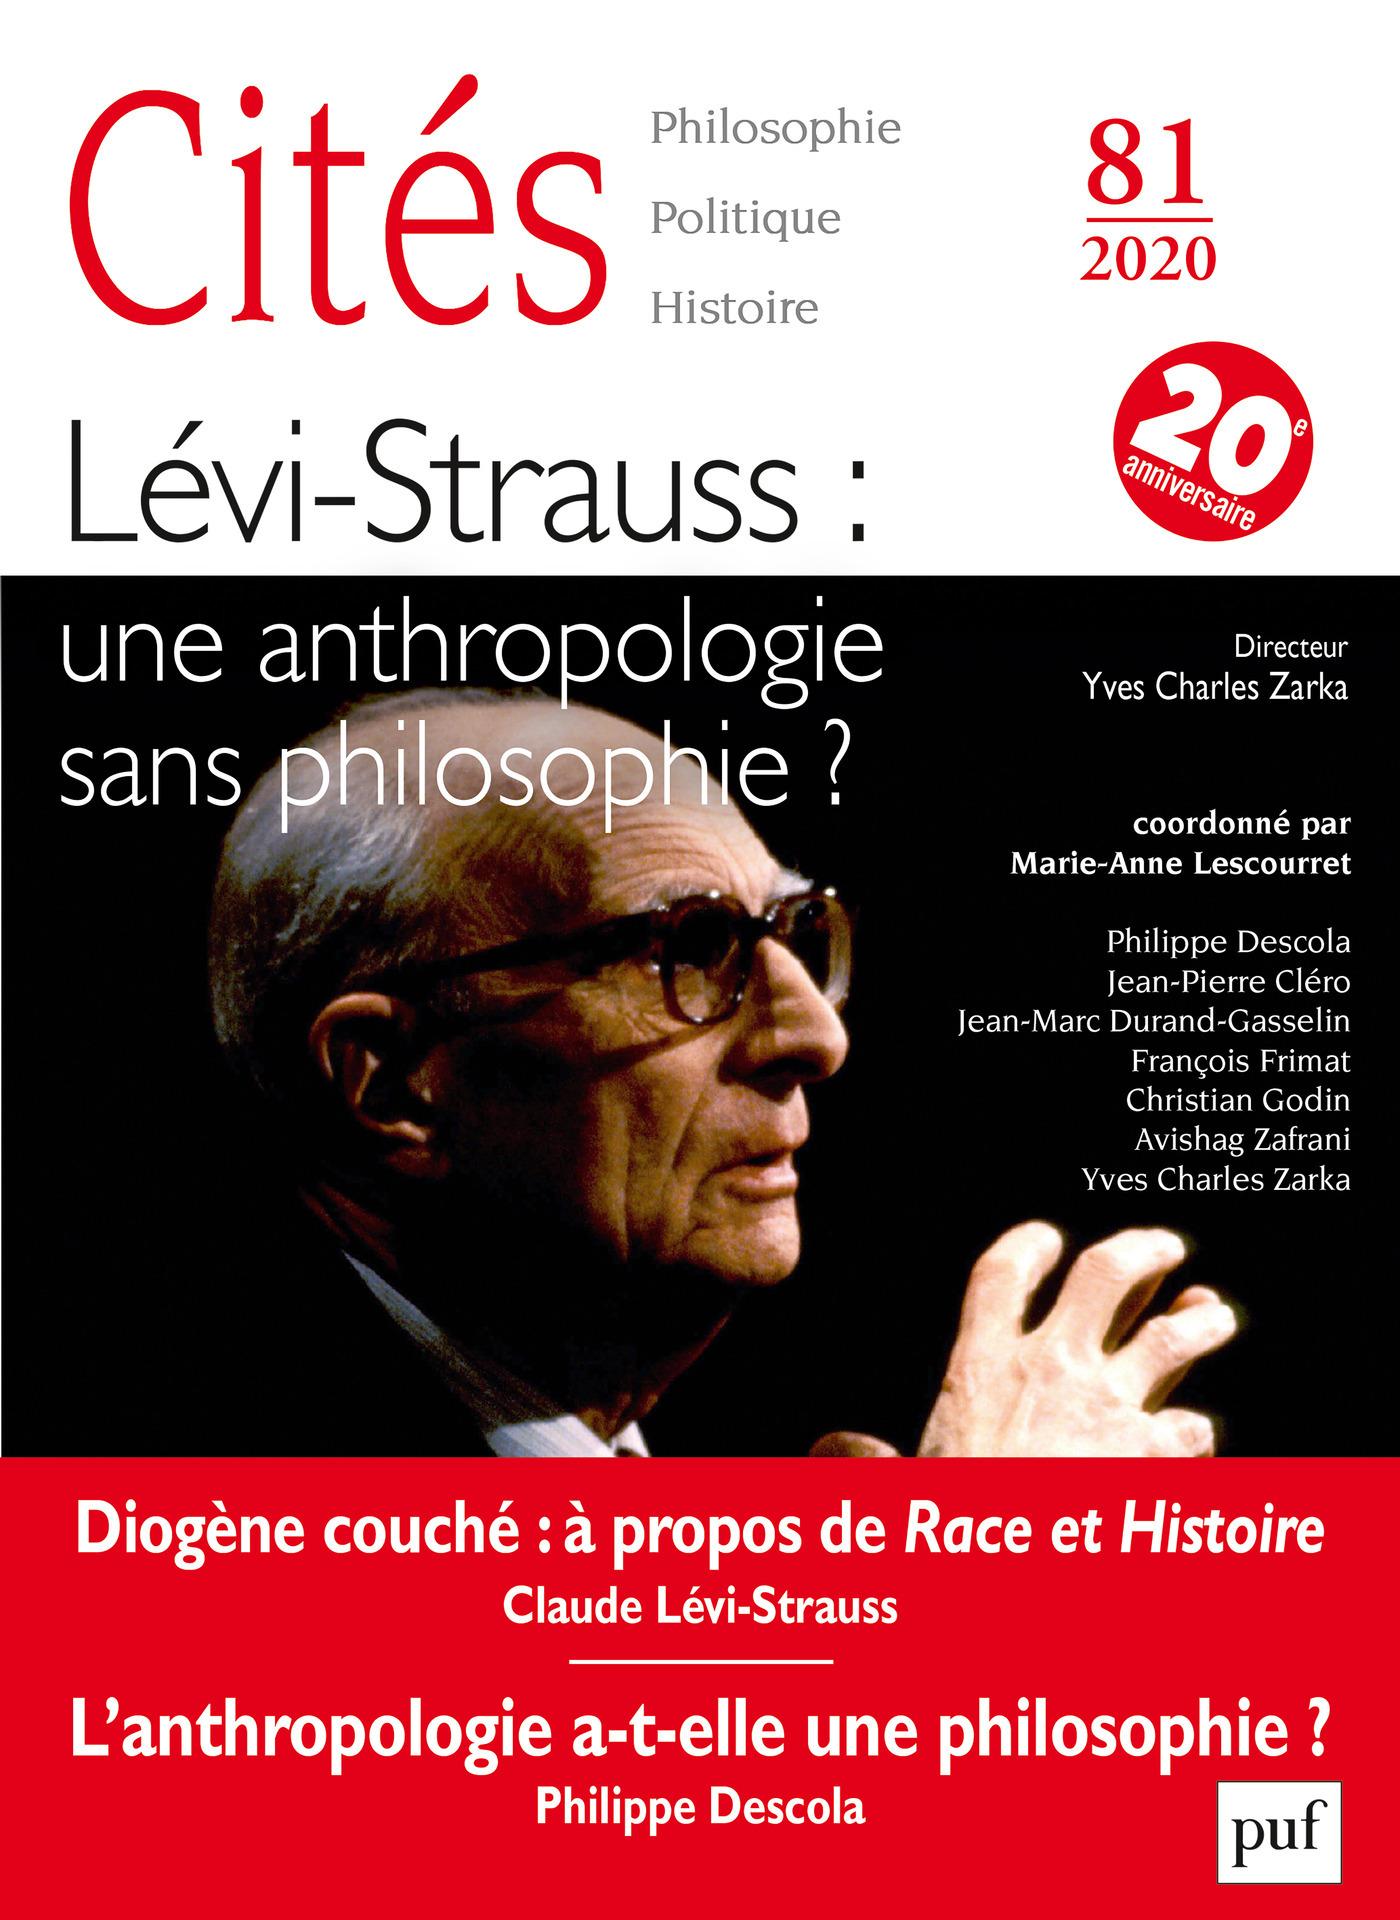 Lévi-Strauss : une anthropologie sans philosophie ? (édition 2020)